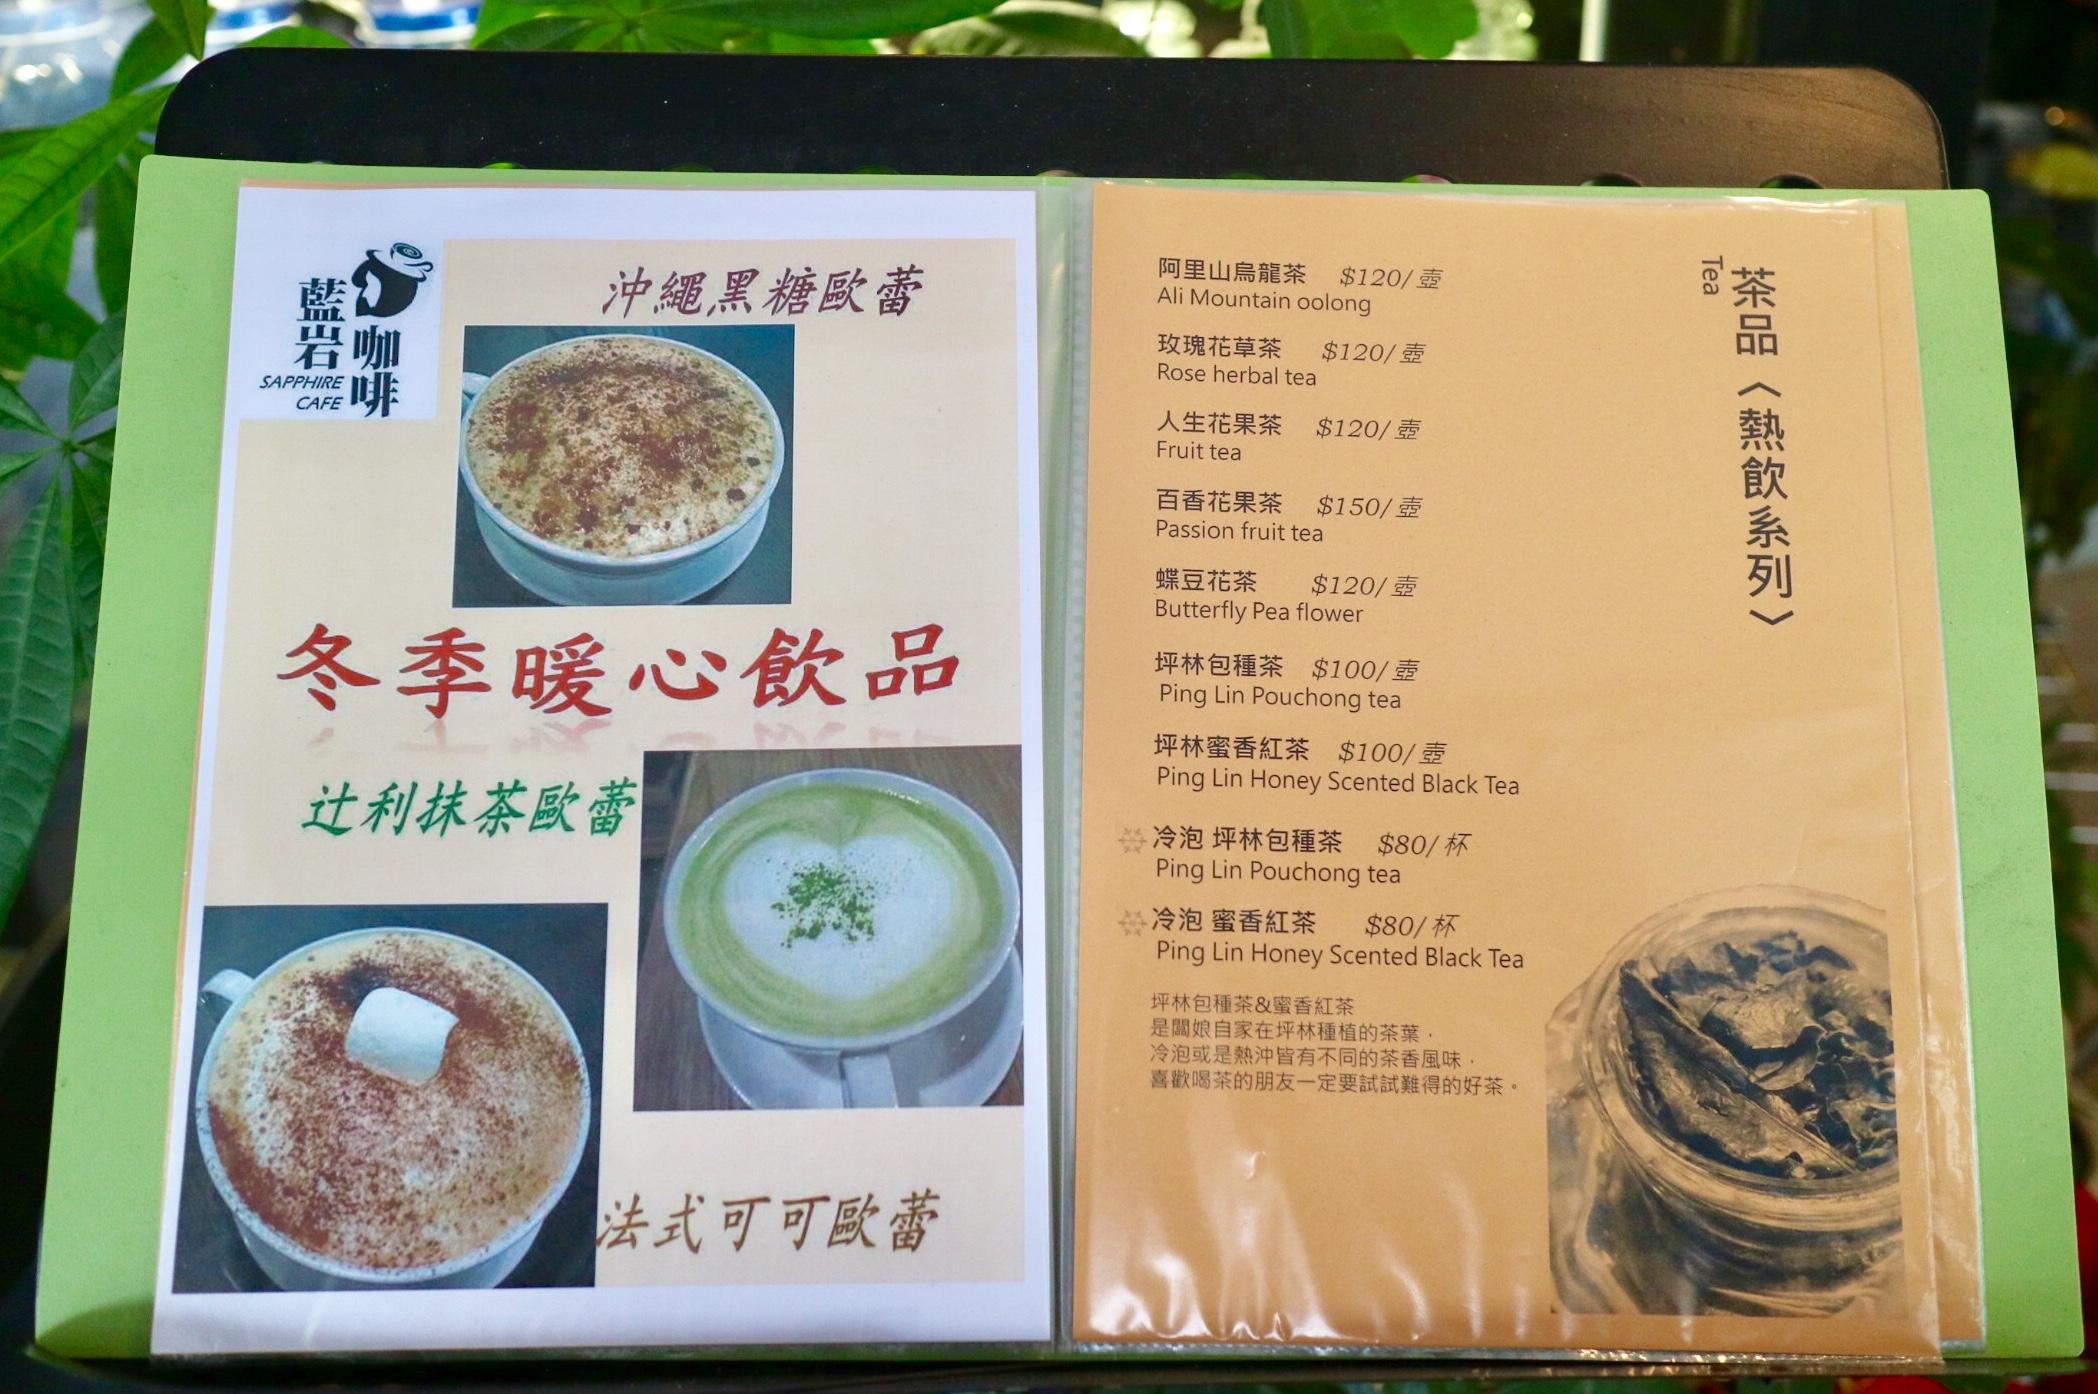 藍岩咖啡菜單